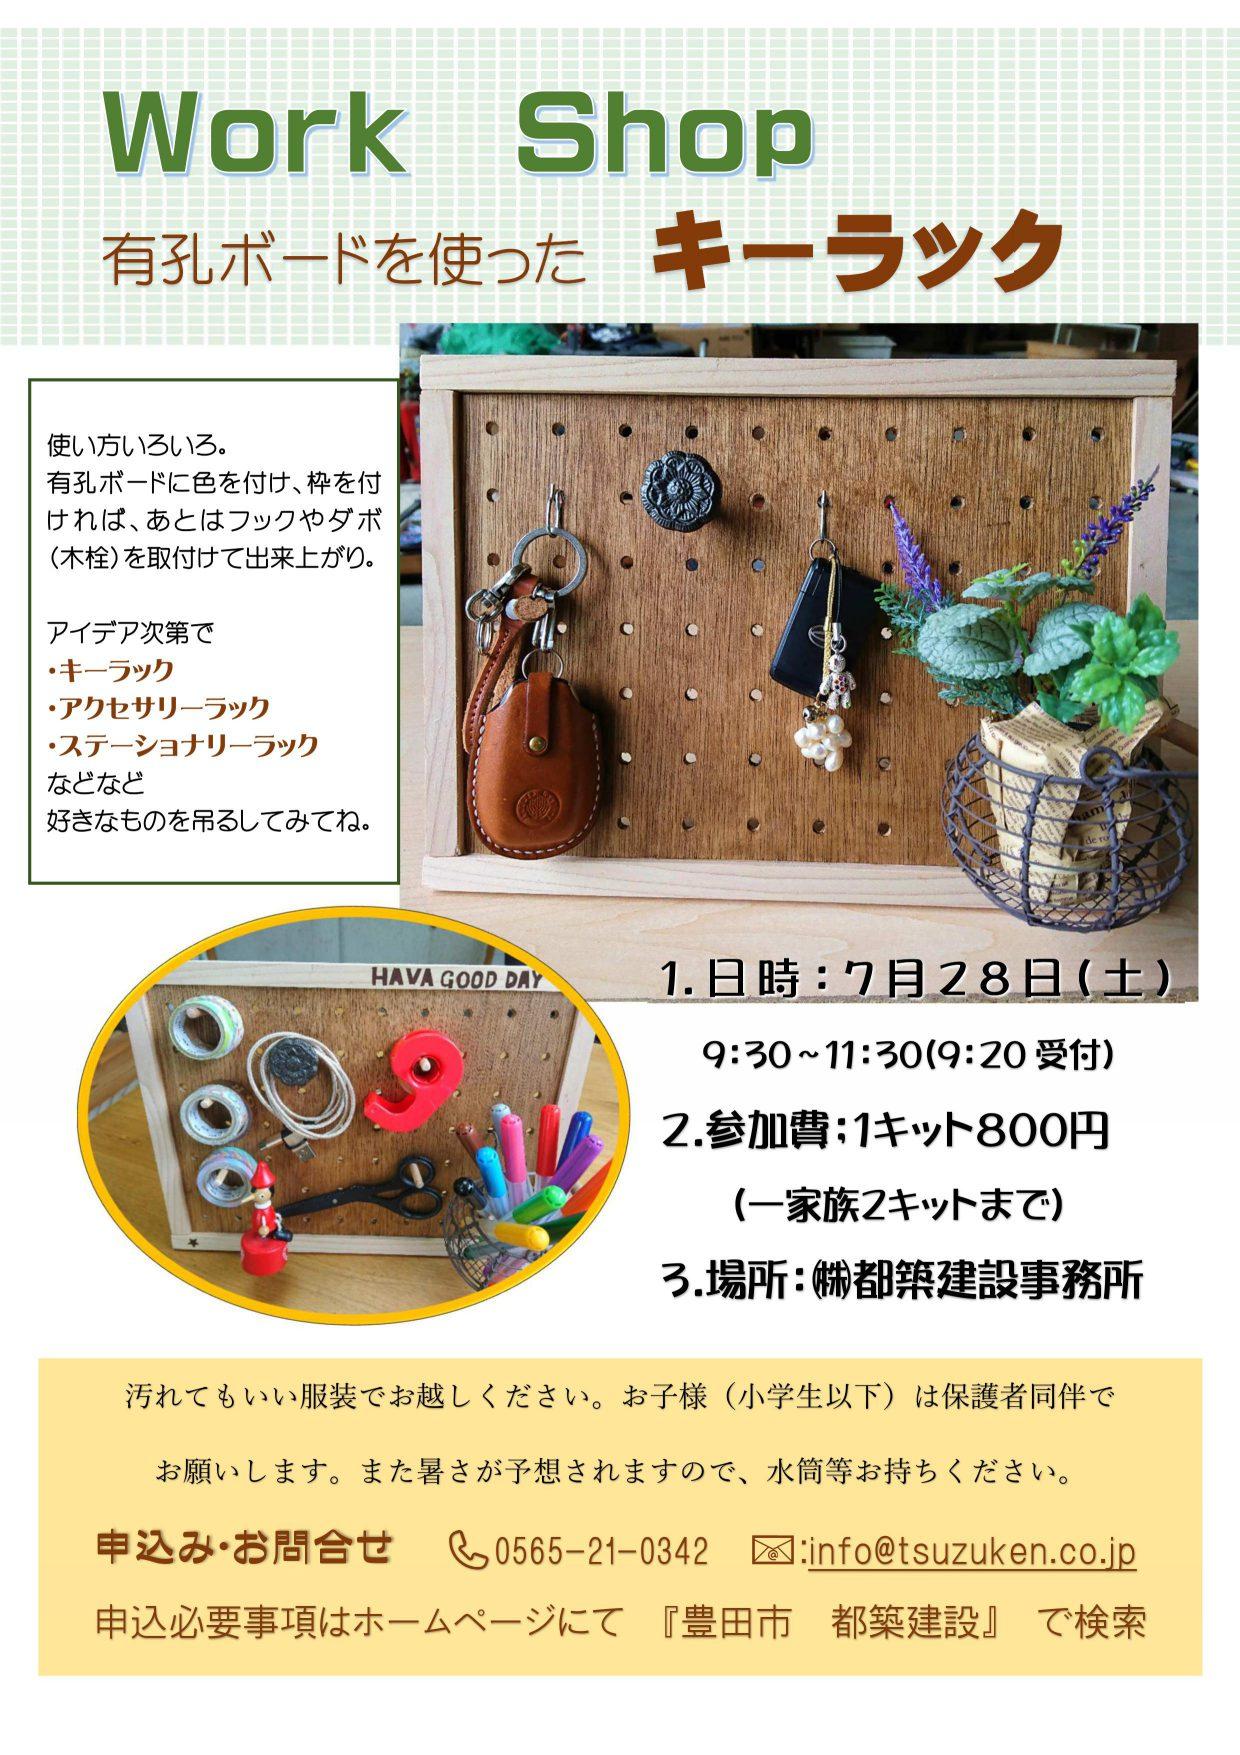 豊田市桝塚西町都築建設のワークショップ2018 チラシ